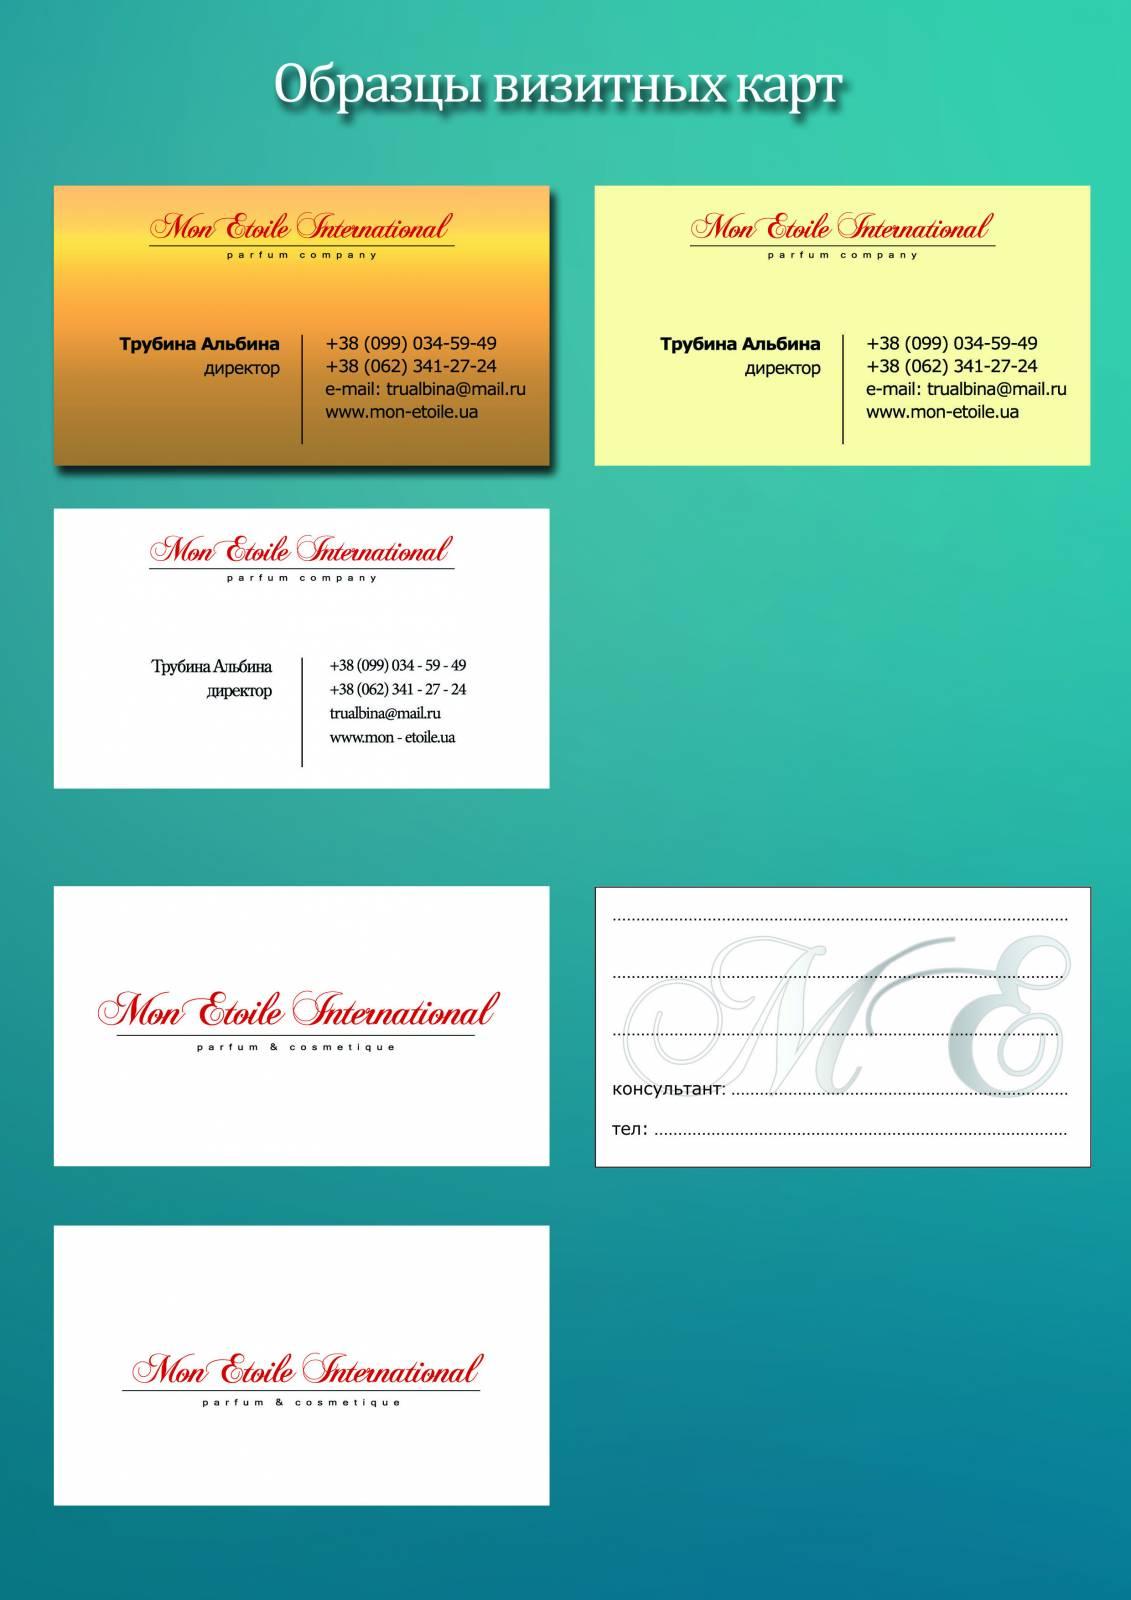 Онлайн редактор визиток (конструктор визиток). Создать 77